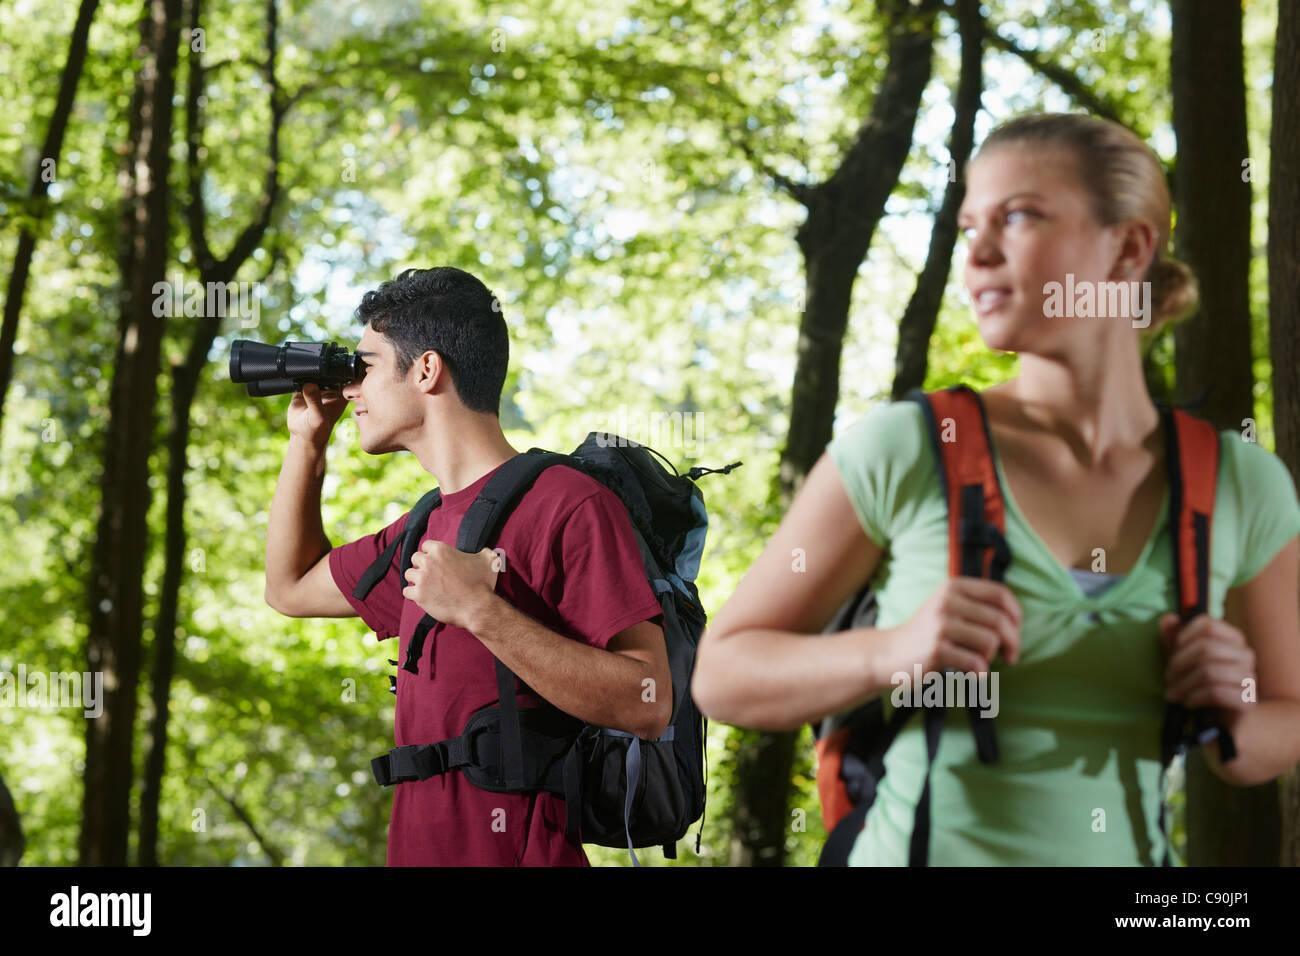 Junge menschen unter bäumen wandern und vögel mit dem fernglas zu